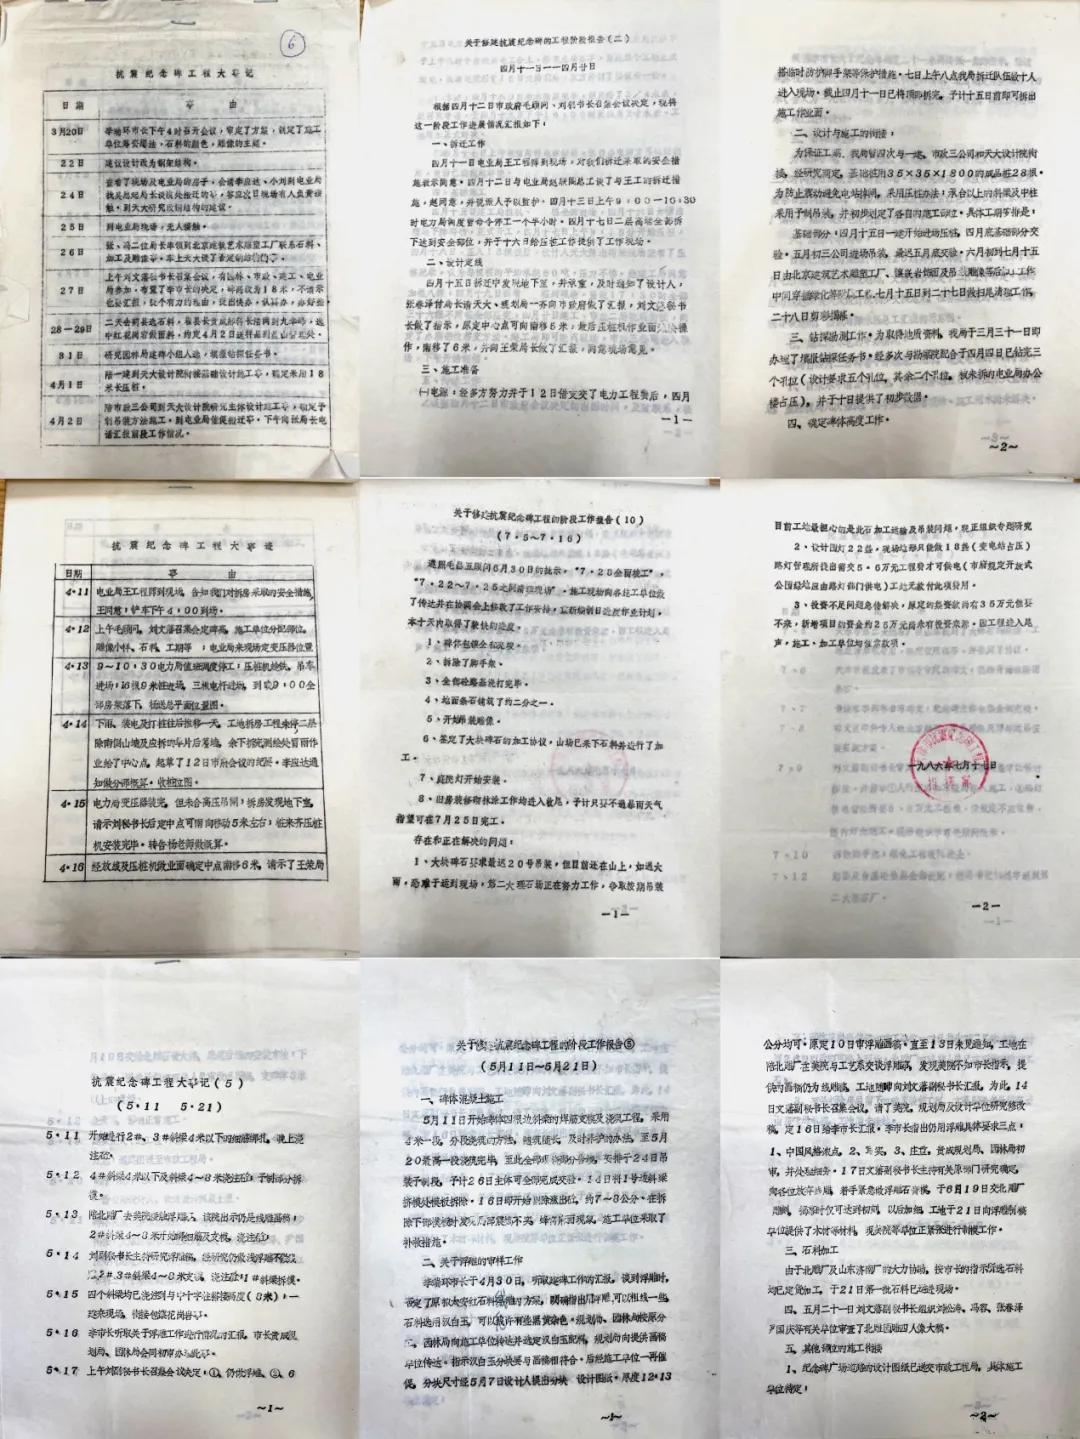 天津市抗震纪念碑档案纪实